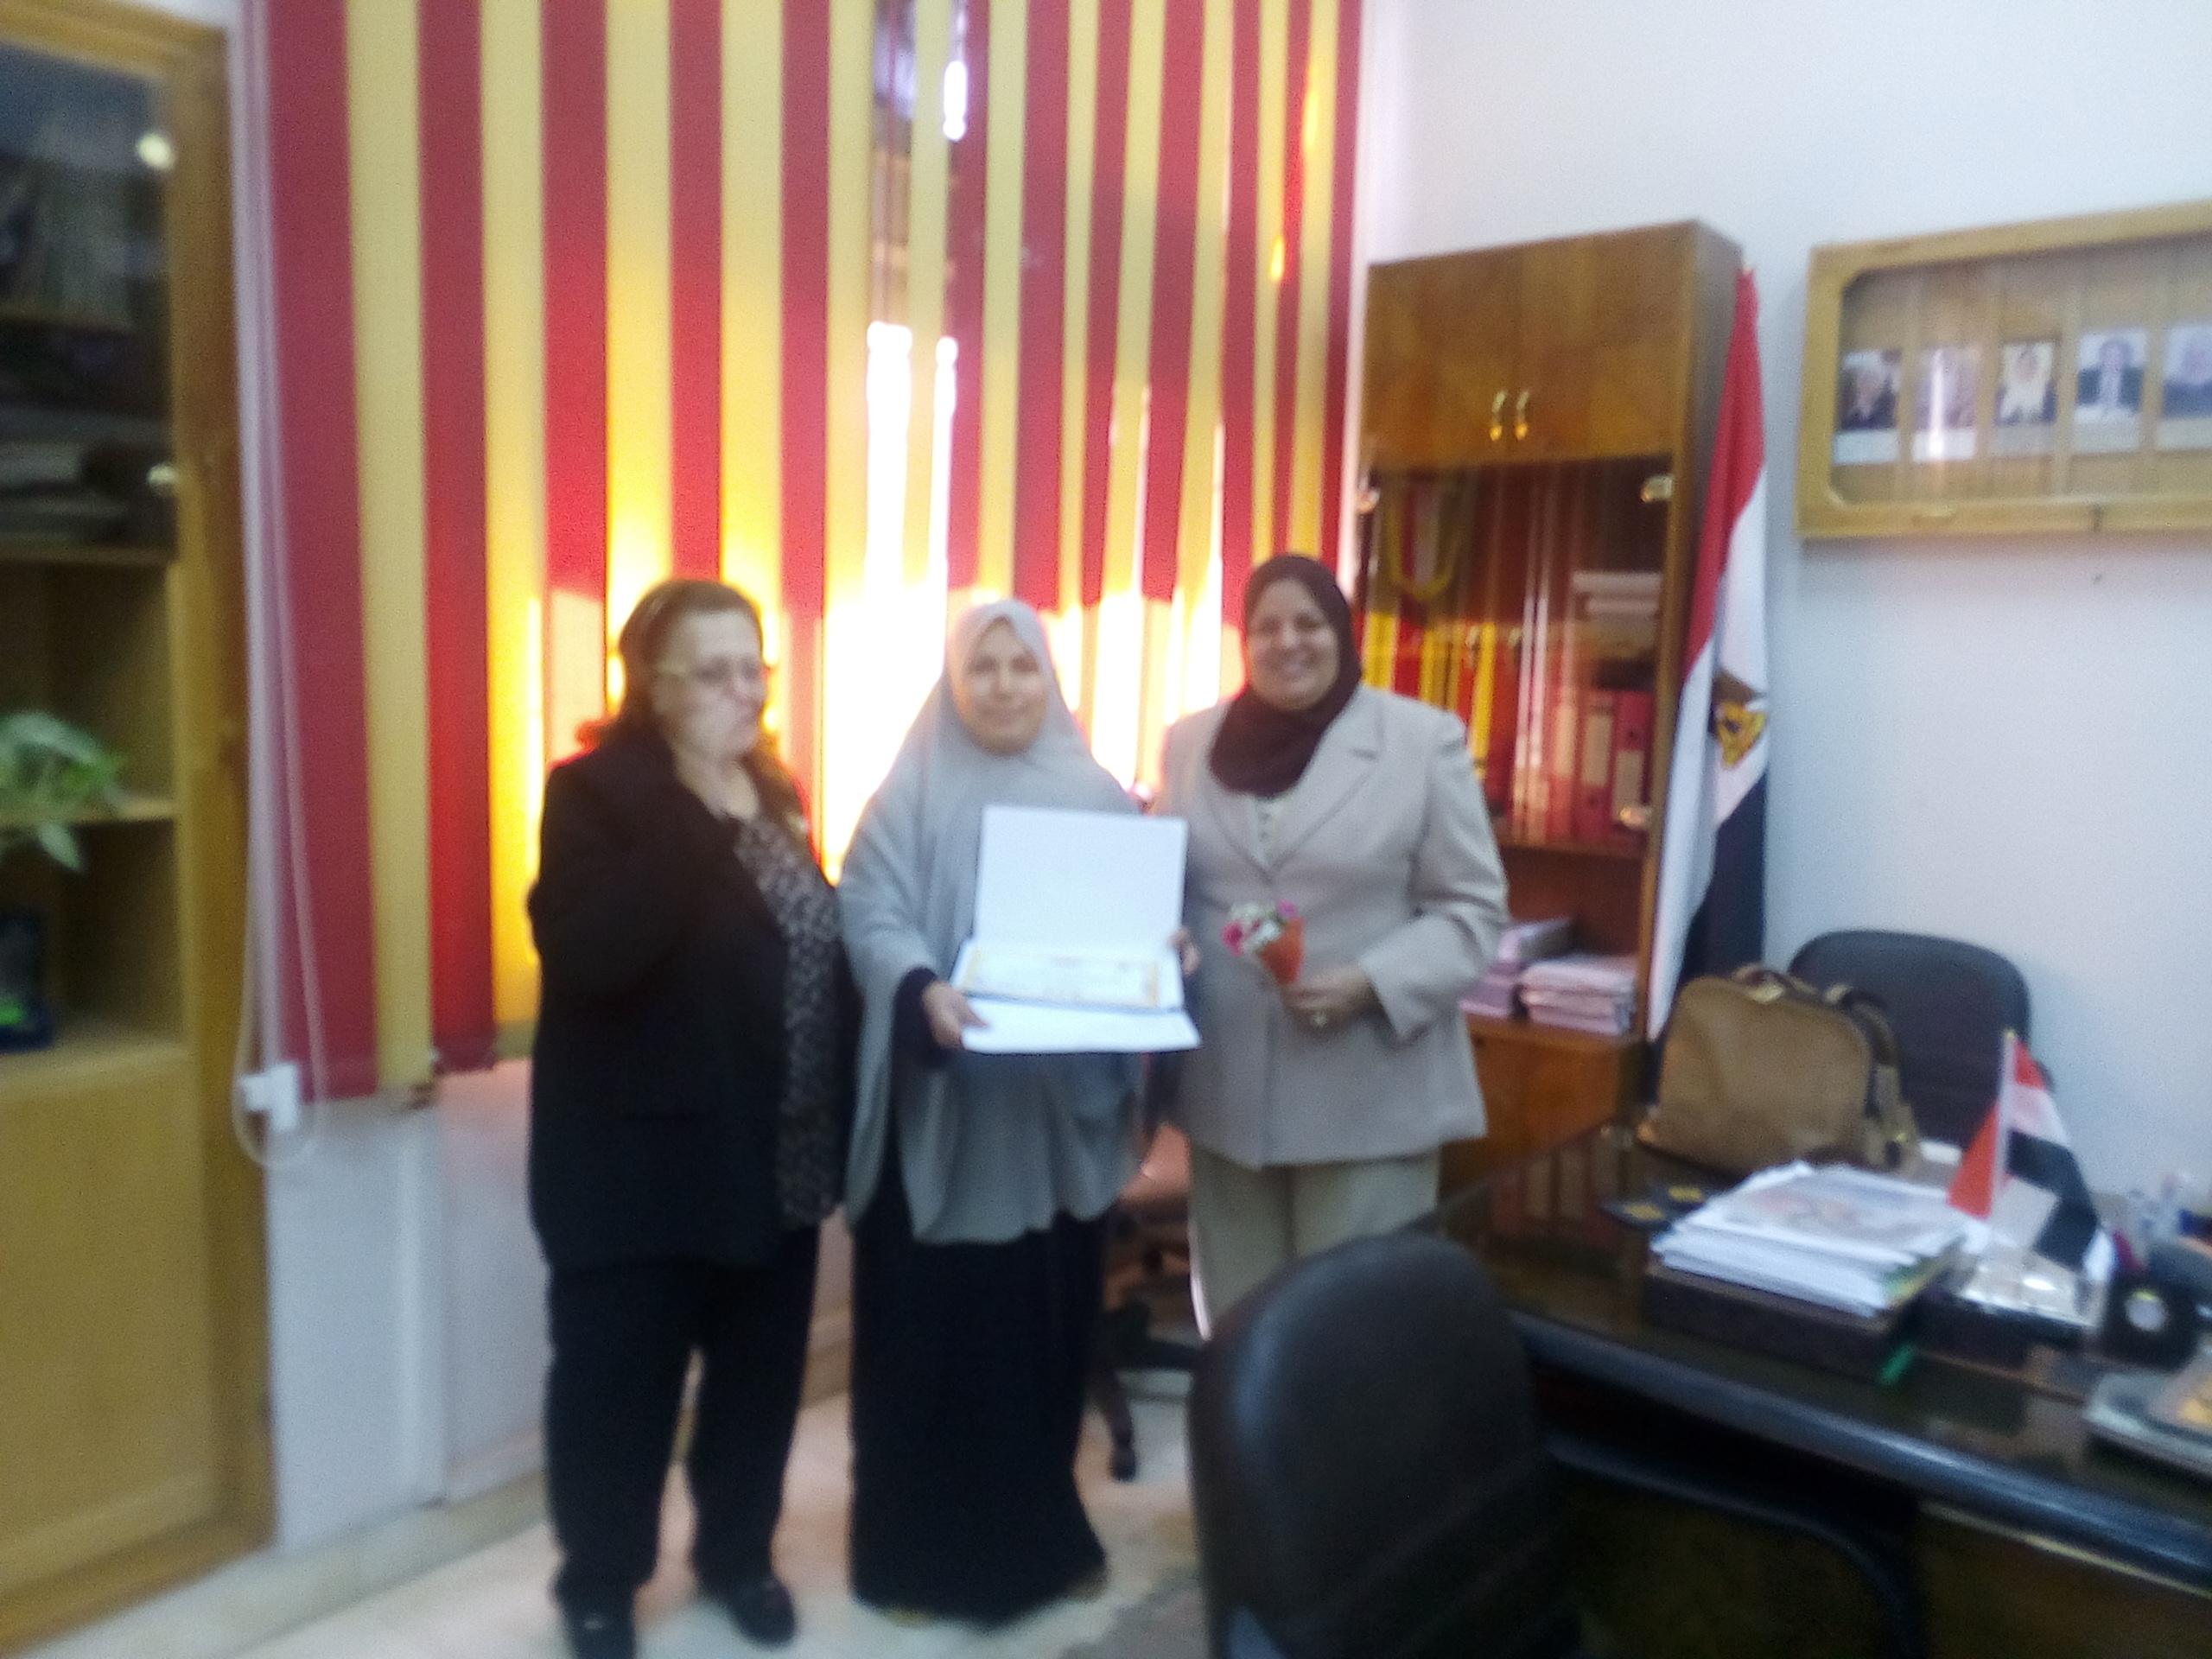 تكريم جامعة  الزقازيق ،، كلية التمريض للعاملة أسماء حسنى بمناسبة عيد الأم